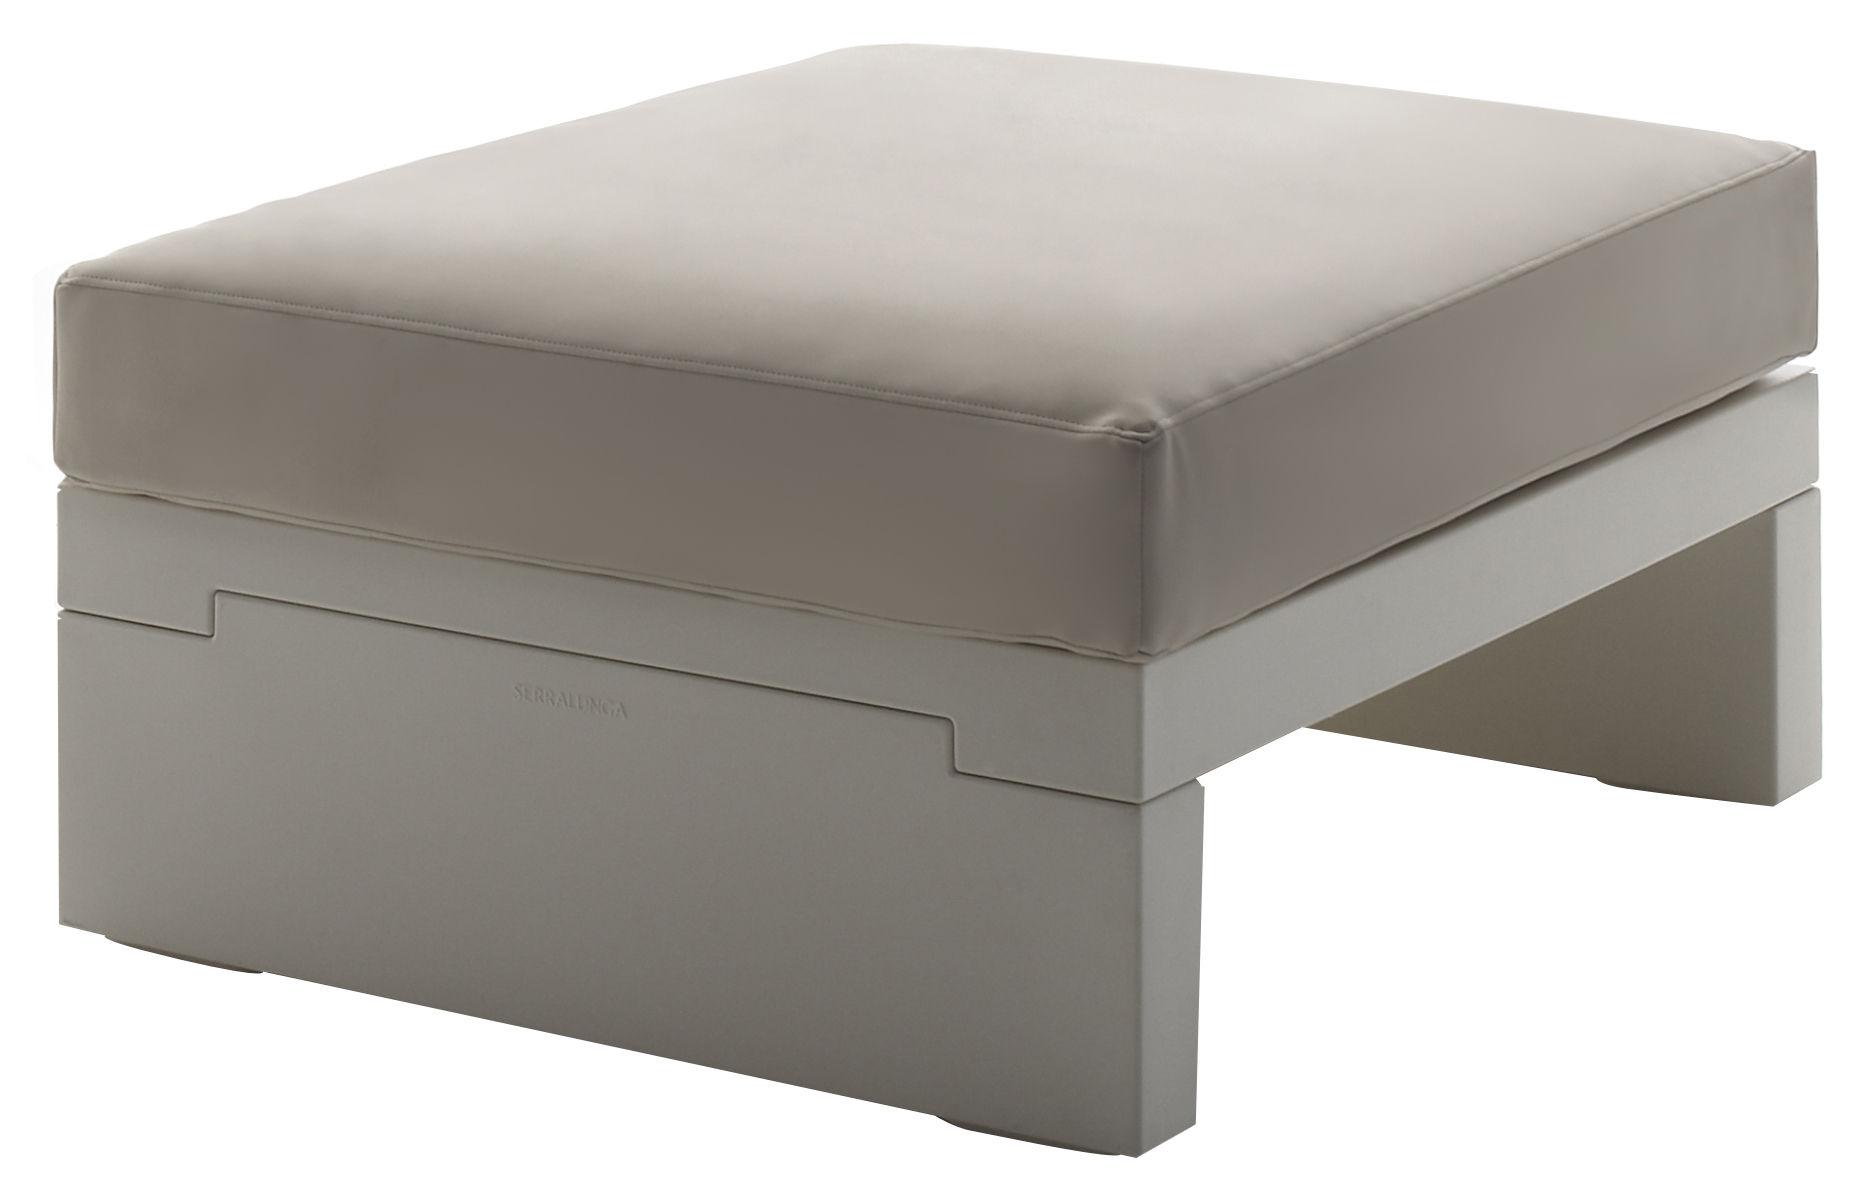 Mobilier - Poufs - Pouf Bellini Hour - Serralunga - Structure blanche / Coussin crème - Polyéthylène, Tissu